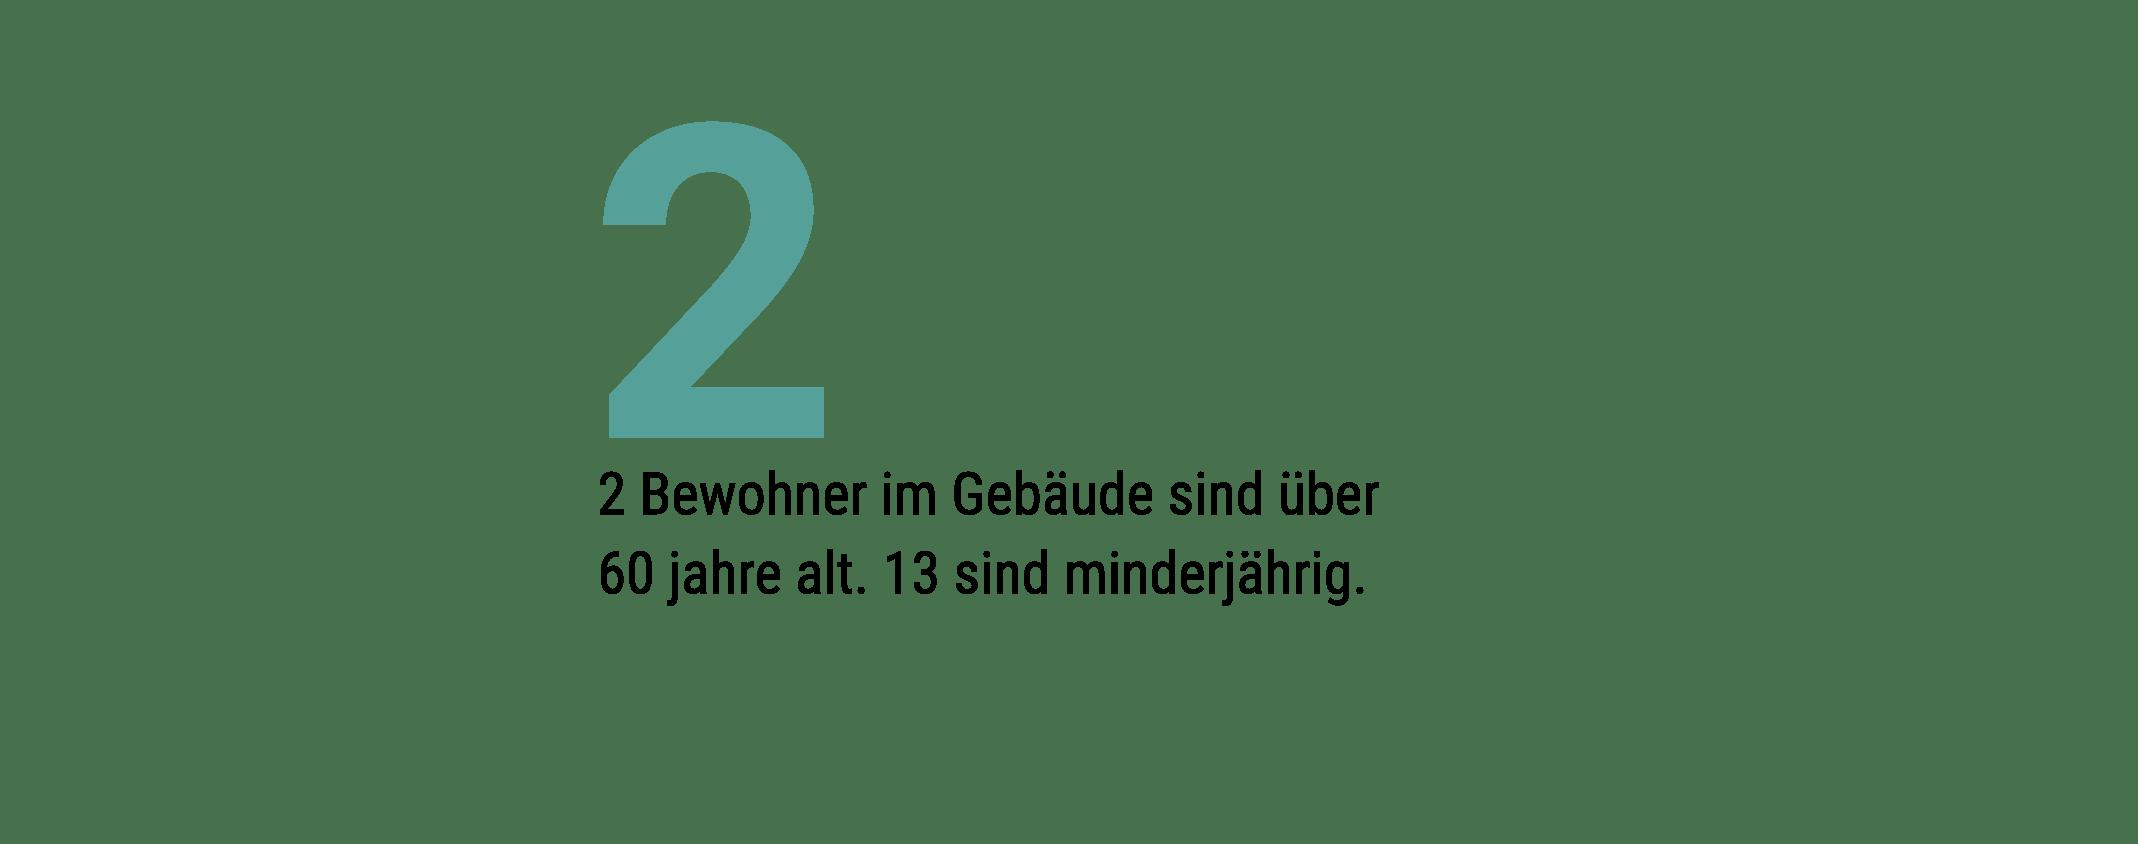 Timeline_Kloster_Eichgraben_Pfade-15